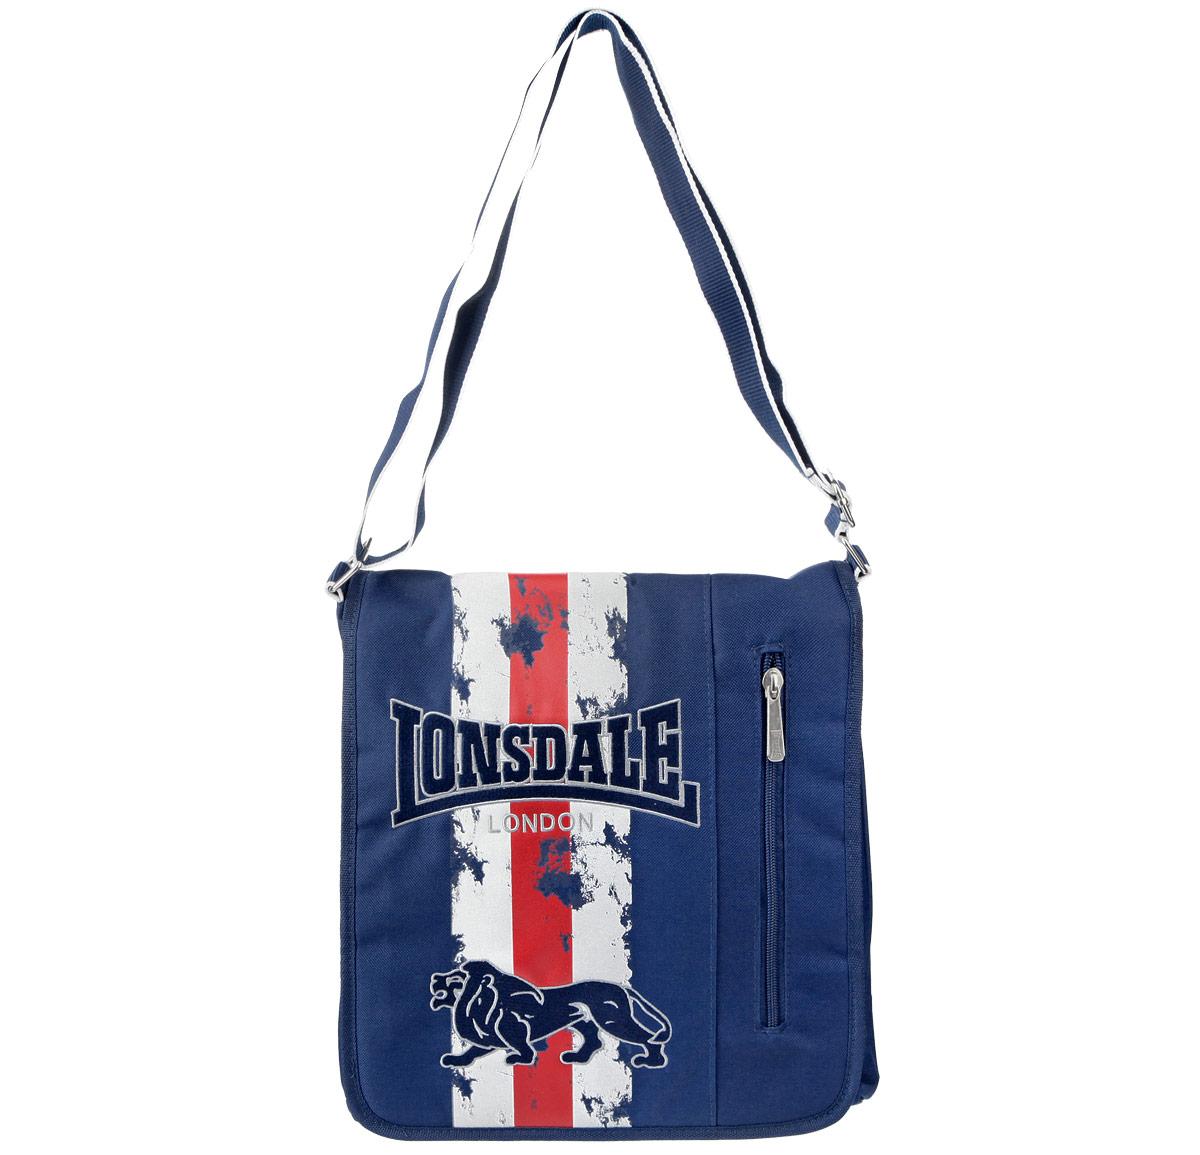 Сумка молодежная Lonsdale, цвет: синийLSDR-12T-1342Оригинальная молодежная сумка Lonsdale прекрасно подойдет для учебы, занятий спортом и повседневных дел. Стильная, легкая и удобная сумка с ярким принтом станет незаменимым аксессуаром. Вместительное внутреннее отделение закрывается на клапан с кнопкой, в него поместятся все необходимые школьные принадлежности или спортивная форма. На самом клапане вместительный карман на молнии. Внутри сумки карман на молнии и два открытых кармана. На задней стороне большой открытый карман, вмещающий формат A4. Плотная и широкая лямка свободно регулируется по длине, что позволяет носить сумку школьникам разного возраста. Лаконичный и сдержанный дизайн подчеркнет индивидуальность и порадует своей функциональностью.